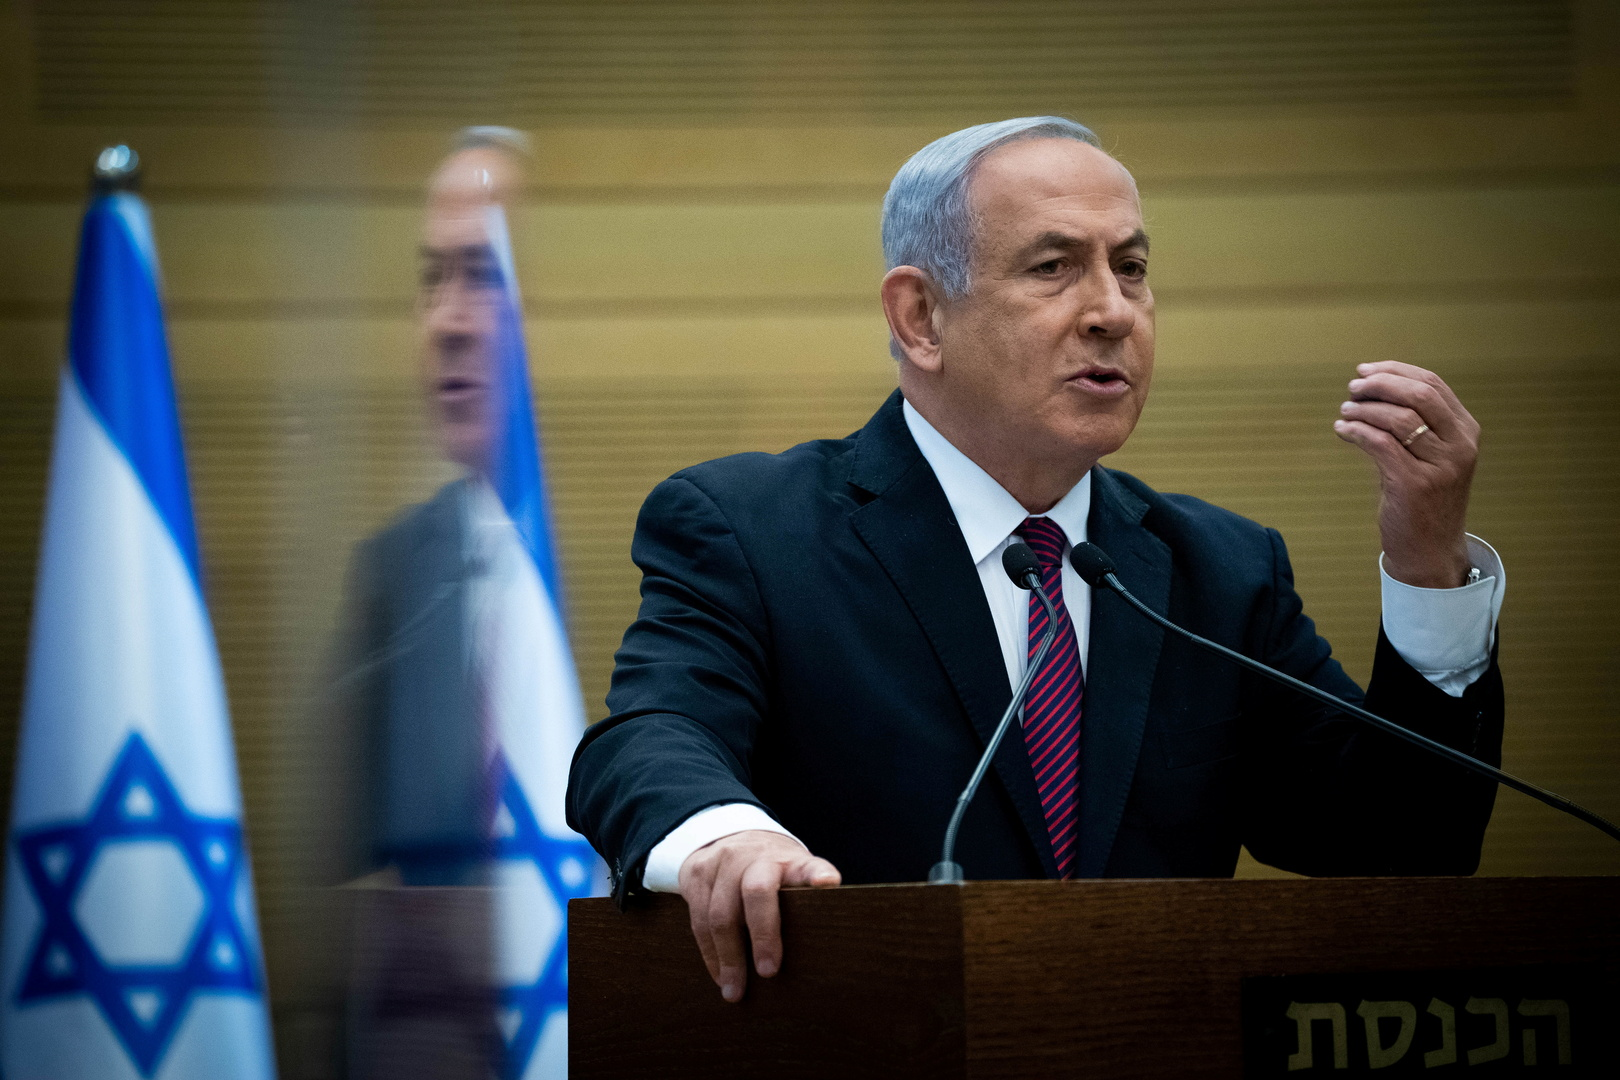 وزير الاستخبارات الإسرائيلي يكشف عن 4 دول مستعدة للتطبيع